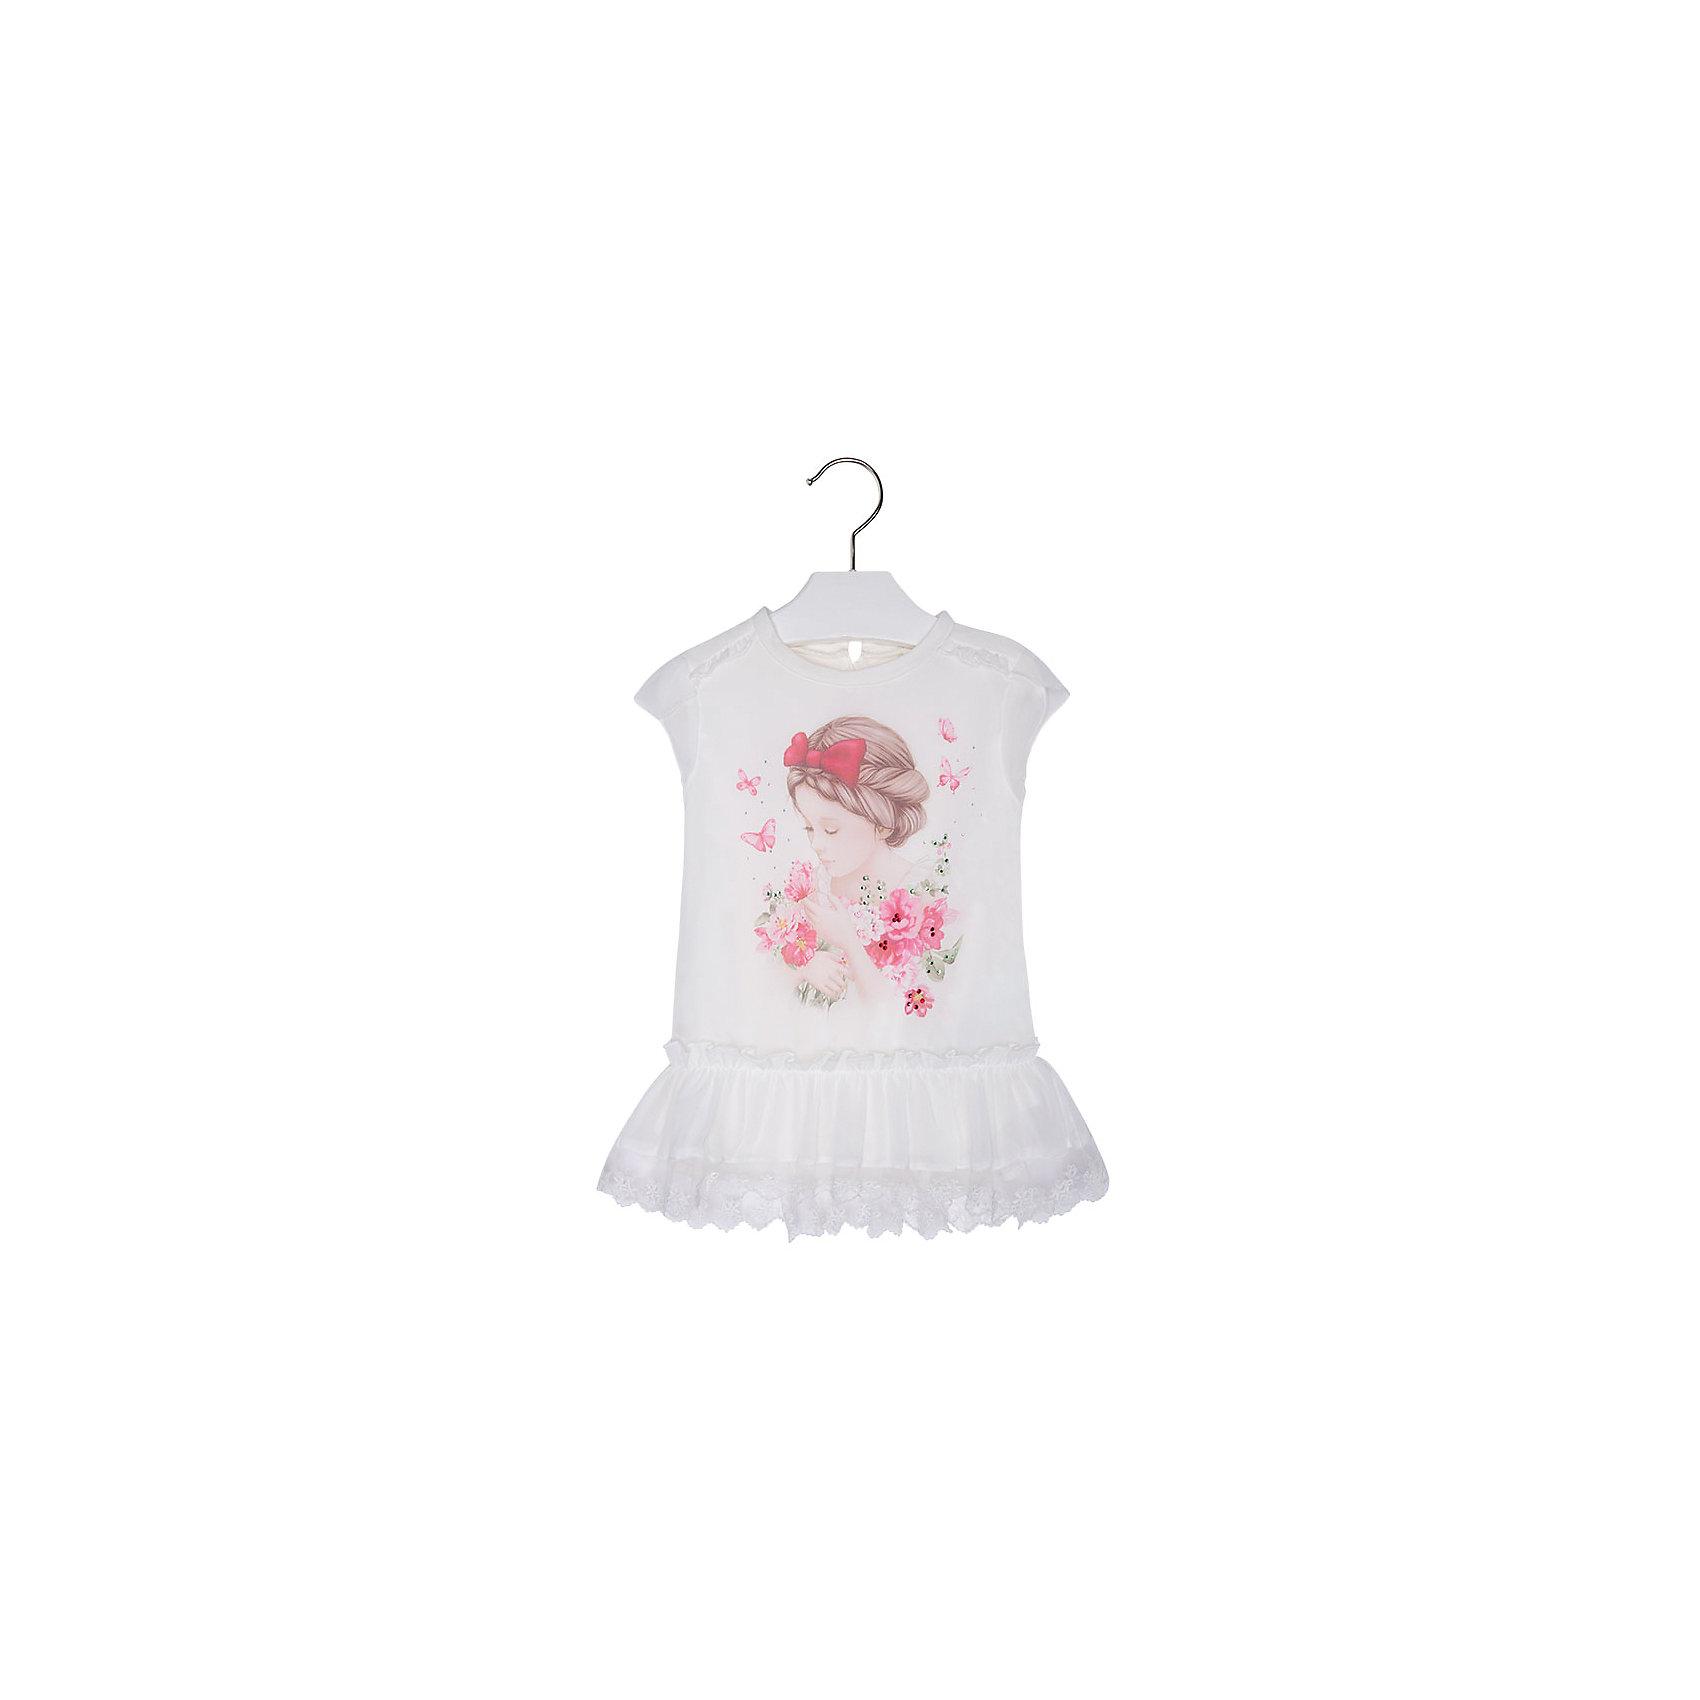 Блузка для девочки MayoralБлузки и рубашки<br>Блузка для девочки от известной испанской марки Mayoral приведет в восторг всех юных модниц. <br><br>Дополнительная информация:<br><br>- Мягкая, приятная к телу ткань. <br>- Округлый вырез горловины.<br>- Горловина в рубчик.<br>- Оборки на плечах.<br>- Печатный принт и блестящие бусинки спереди. <br>- Застегивается на пуговицу на спине.<br>- Объемная оборка с кружевом по низу. <br>- Состав: верх - 100% полиэстер; подкладка - 100% хлопок.<br><br>Блузку для девочки Mayoral (Майорал) можно купить в нашем магазине.<br><br>Ширина мм: 186<br>Глубина мм: 87<br>Высота мм: 198<br>Вес г: 197<br>Цвет: розовый<br>Возраст от месяцев: 48<br>Возраст до месяцев: 60<br>Пол: Женский<br>Возраст: Детский<br>Размер: 110,134,98,116,122,128,104<br>SKU: 4543733